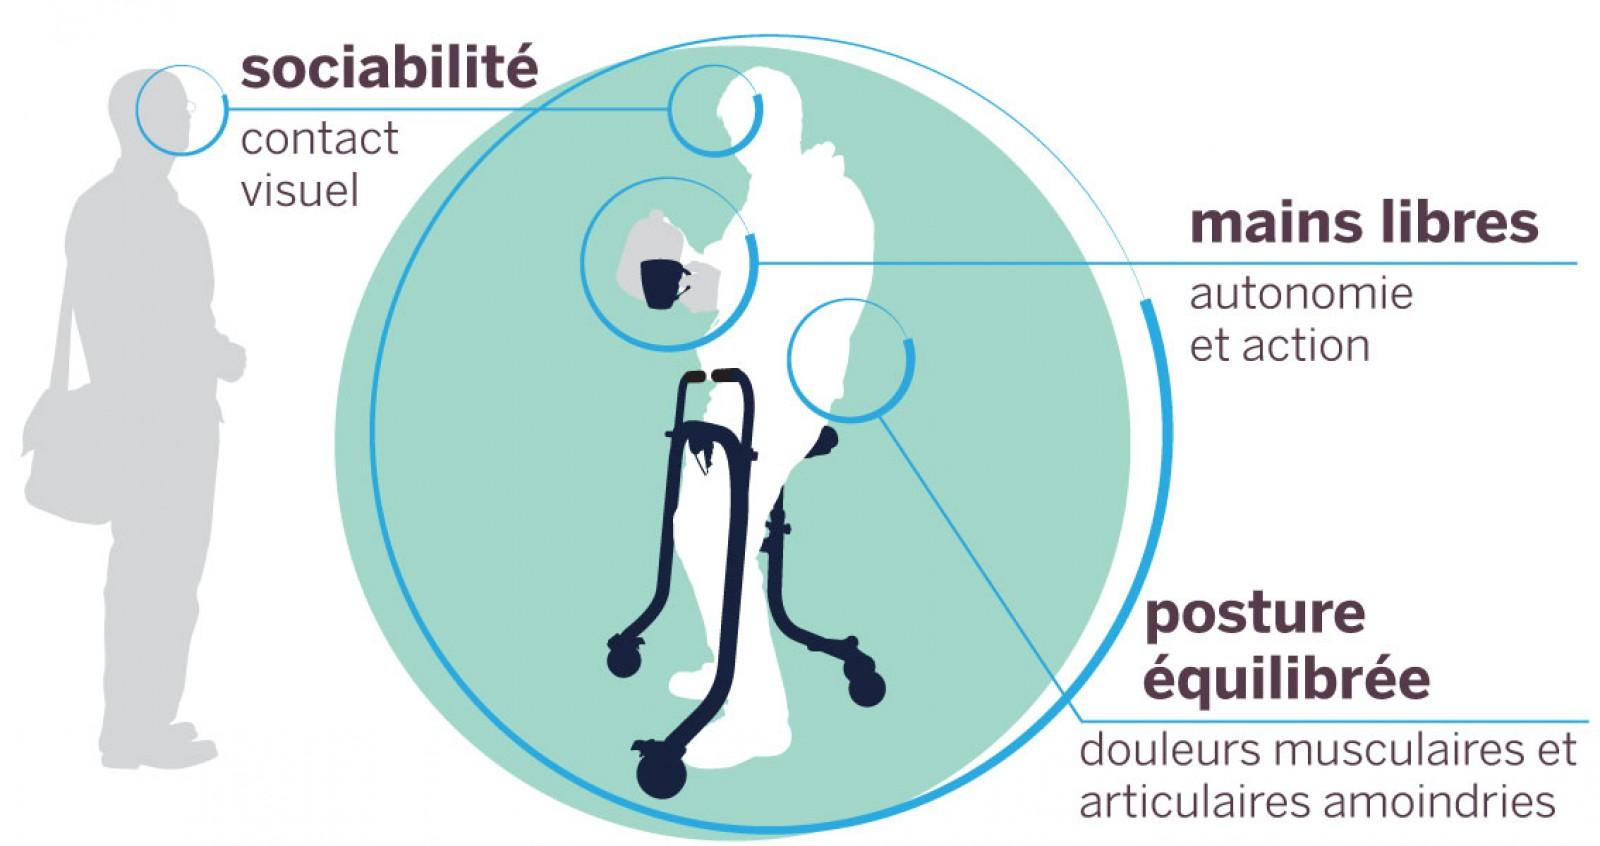 Rollator BiKube - Avantages Sociabilité, mains libres, posture équilibrée